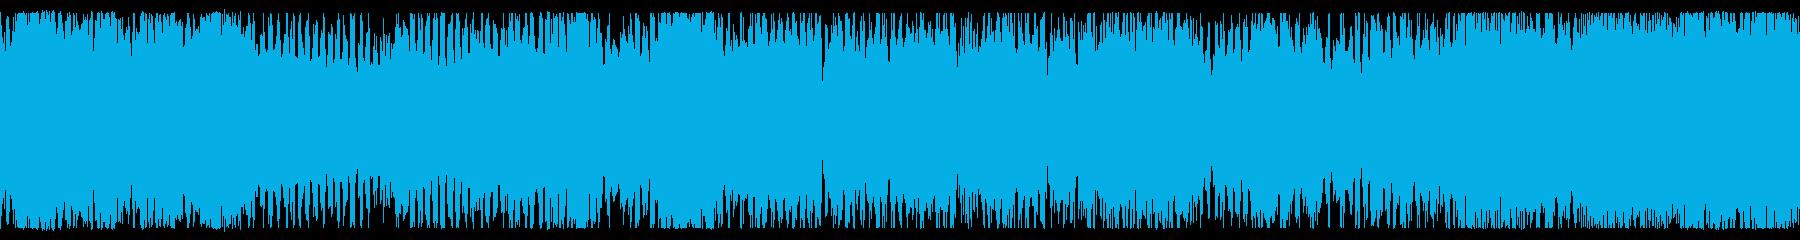 ループ素材 勇壮コミカルなチップチューンの再生済みの波形